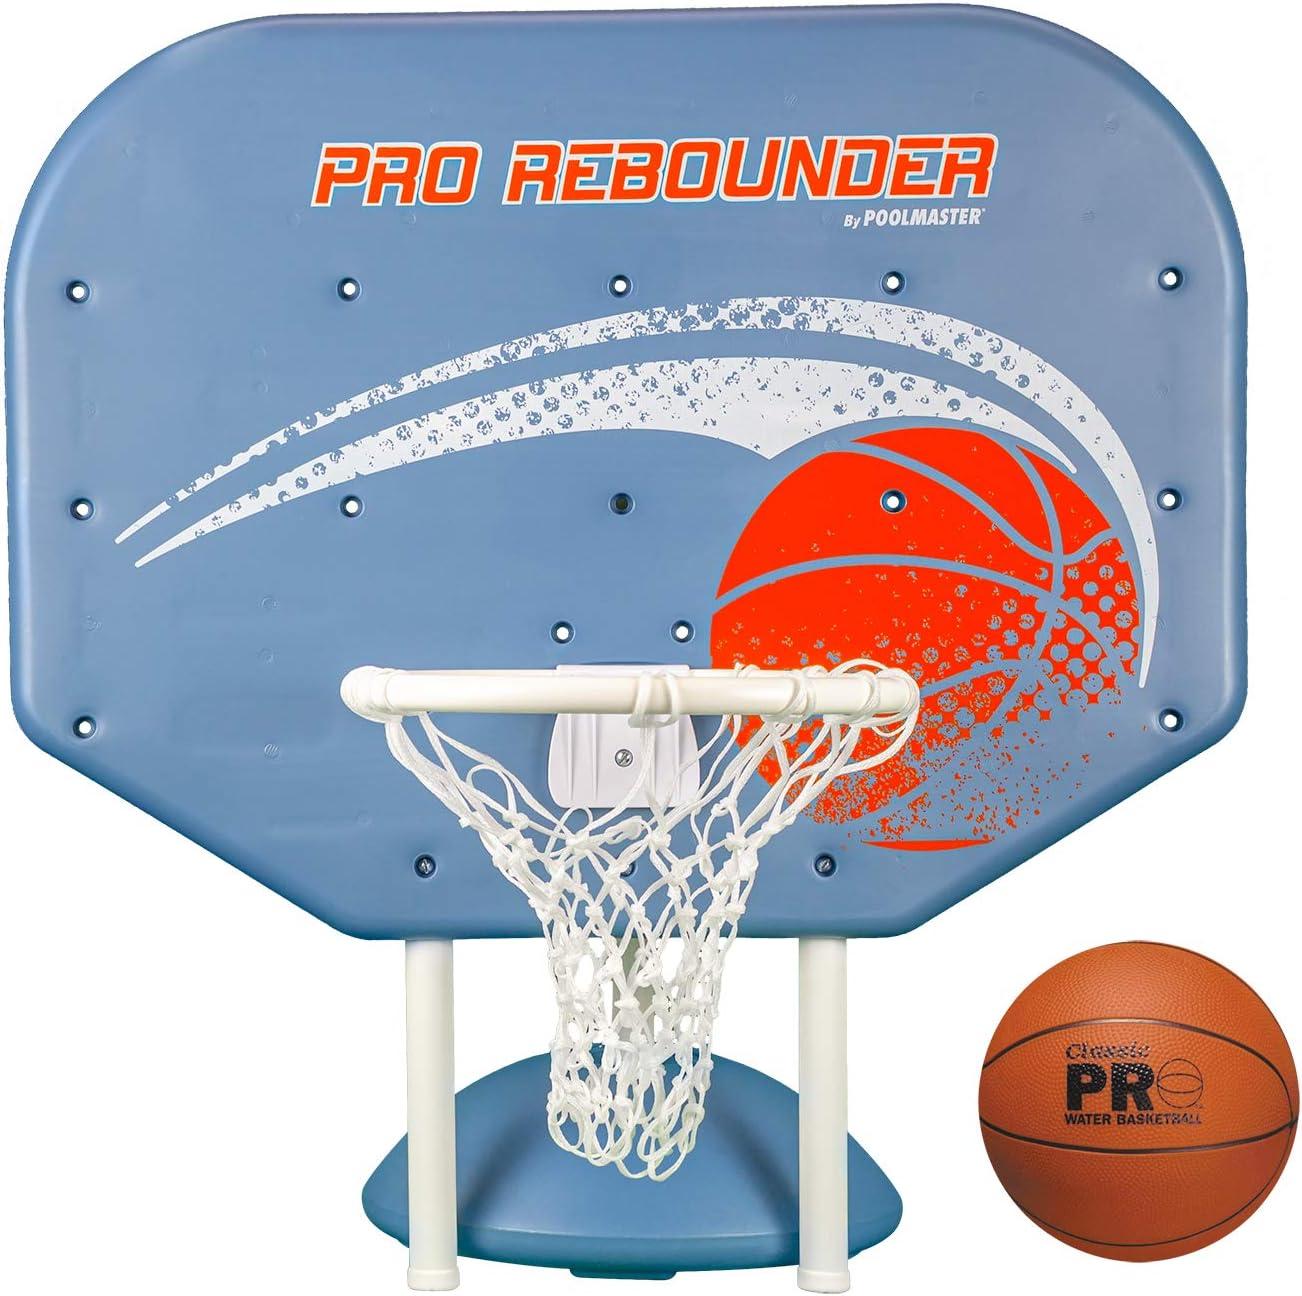 6. Poolmaster 72783 Pro Rebounder Review – Best Poolside Basketball Hoop 2021